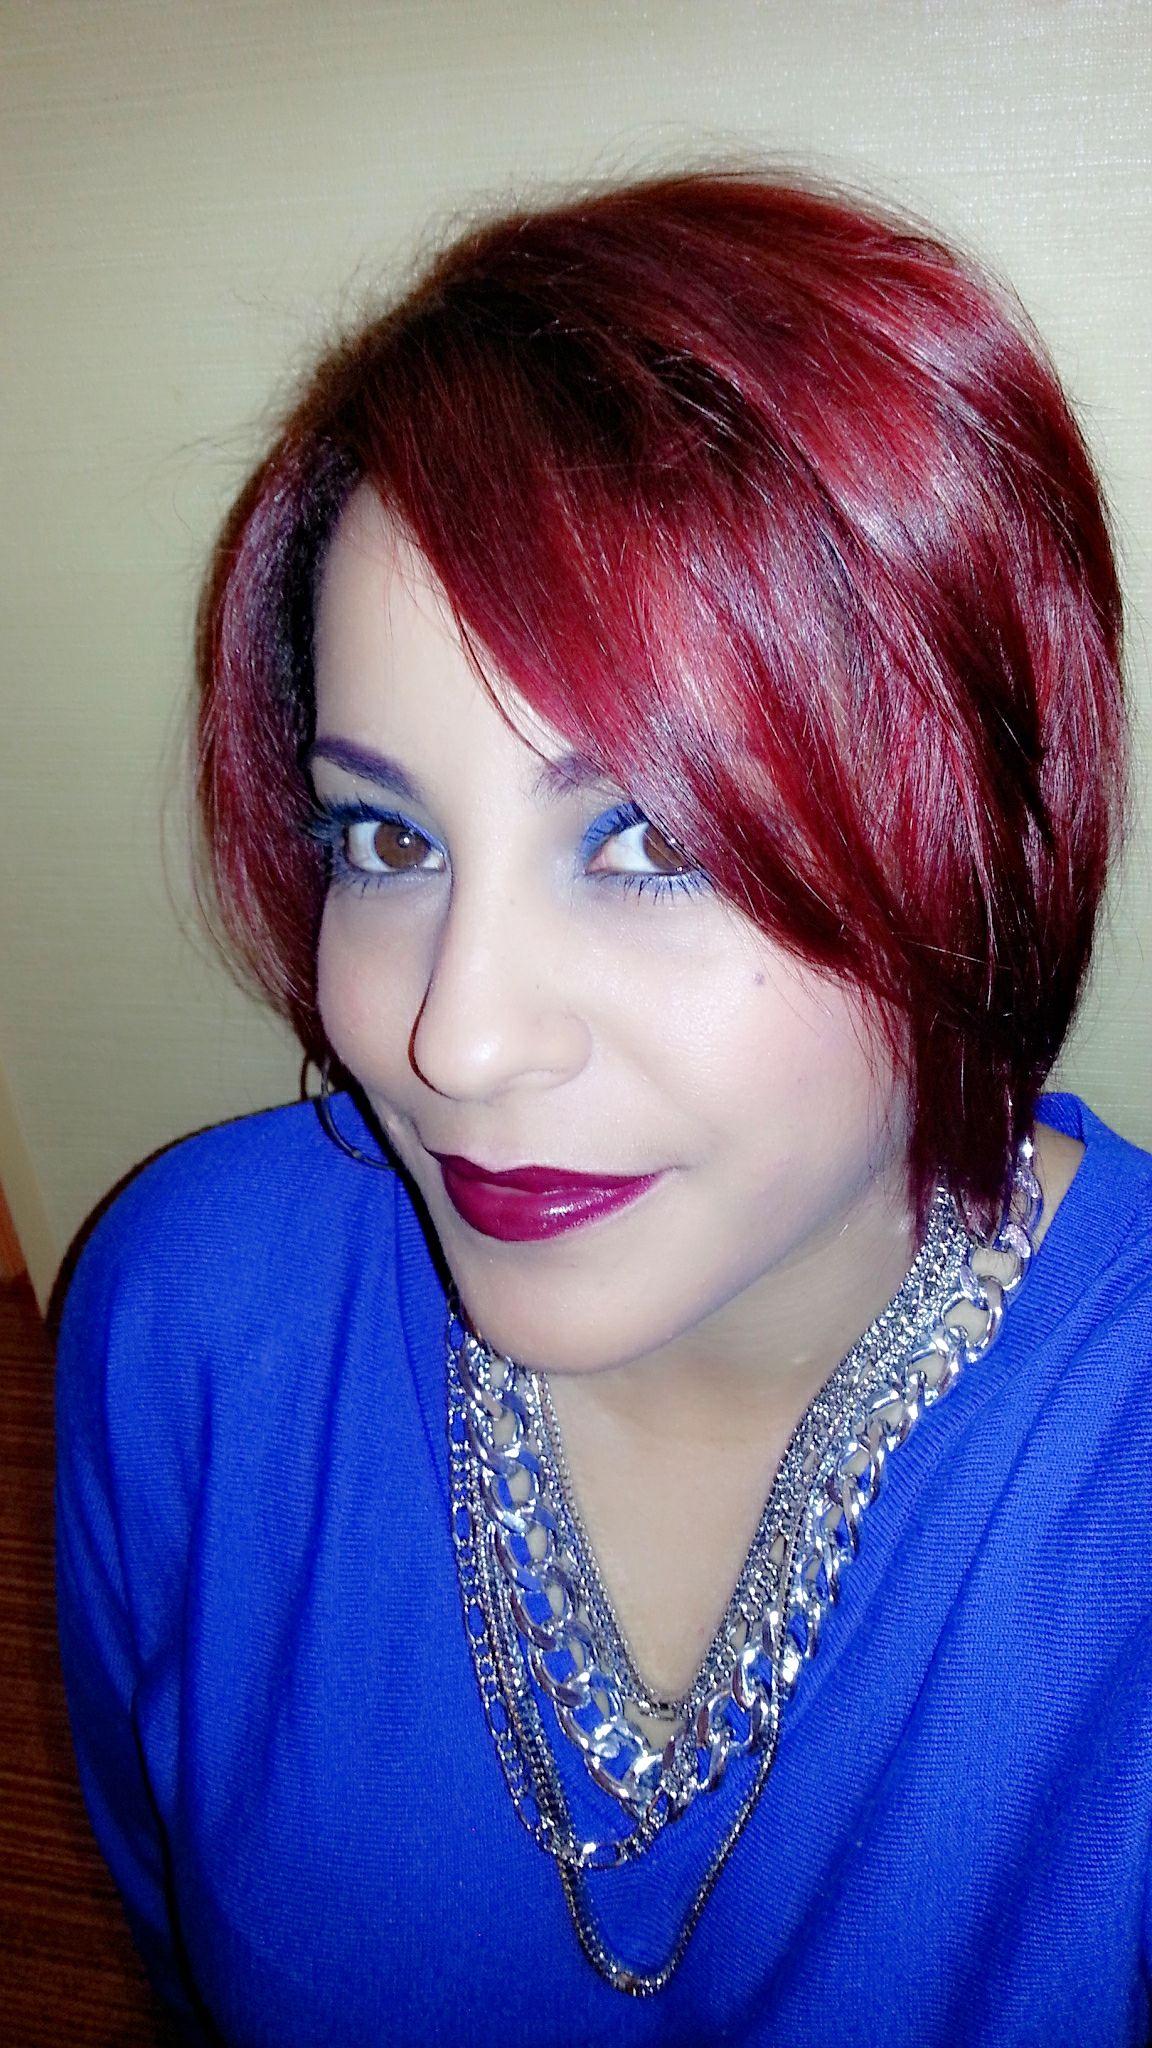 Red hair blue eye makeup cosas que me encantan del cabello y de la